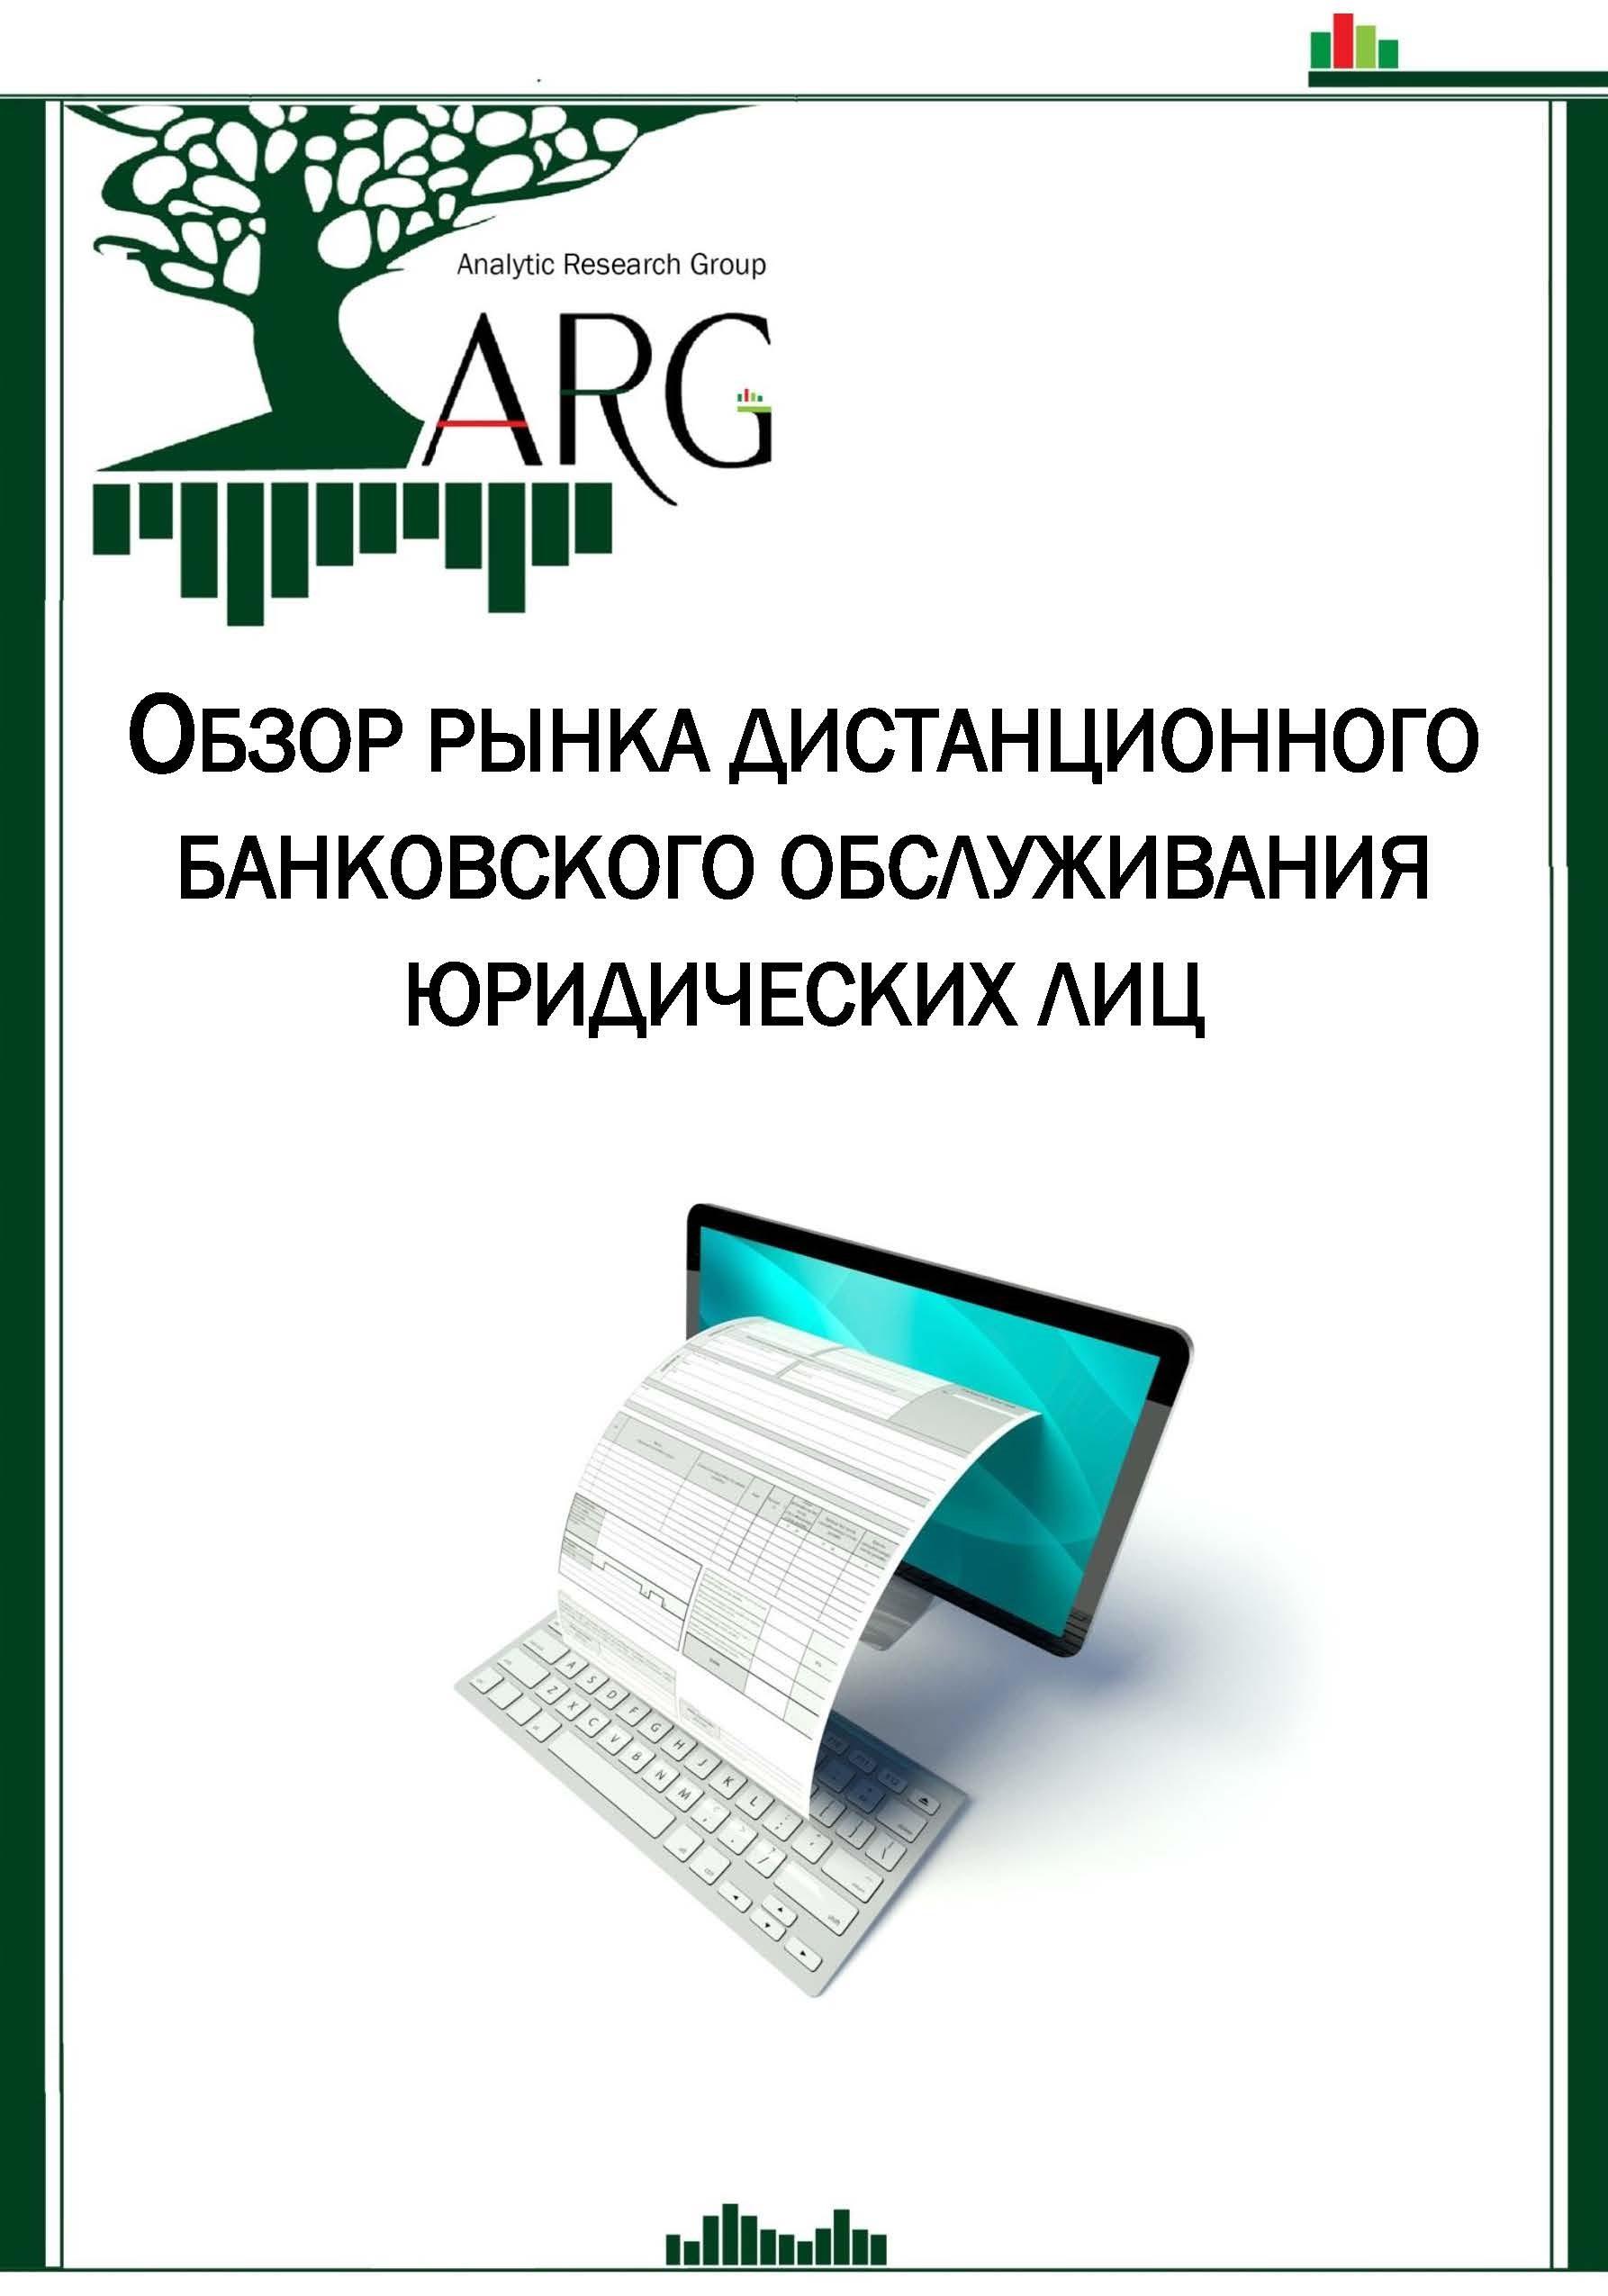 взять кредит на 200000 рублей минск